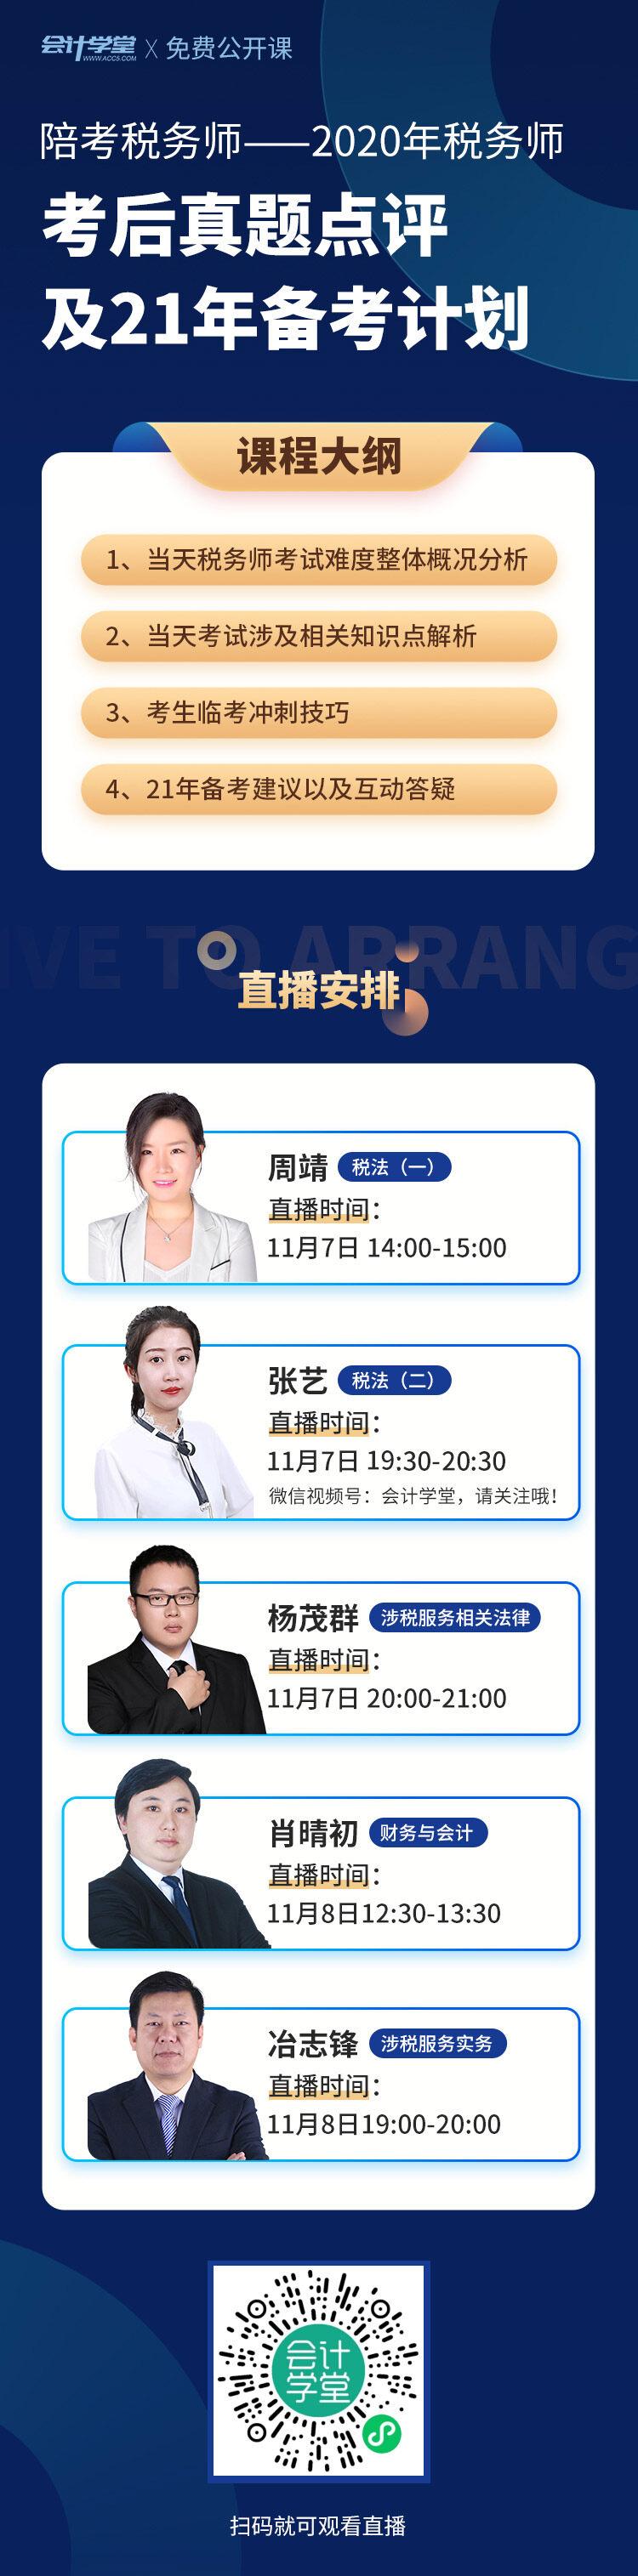 税务师宣传海报-改(1)(2)(1).jpg